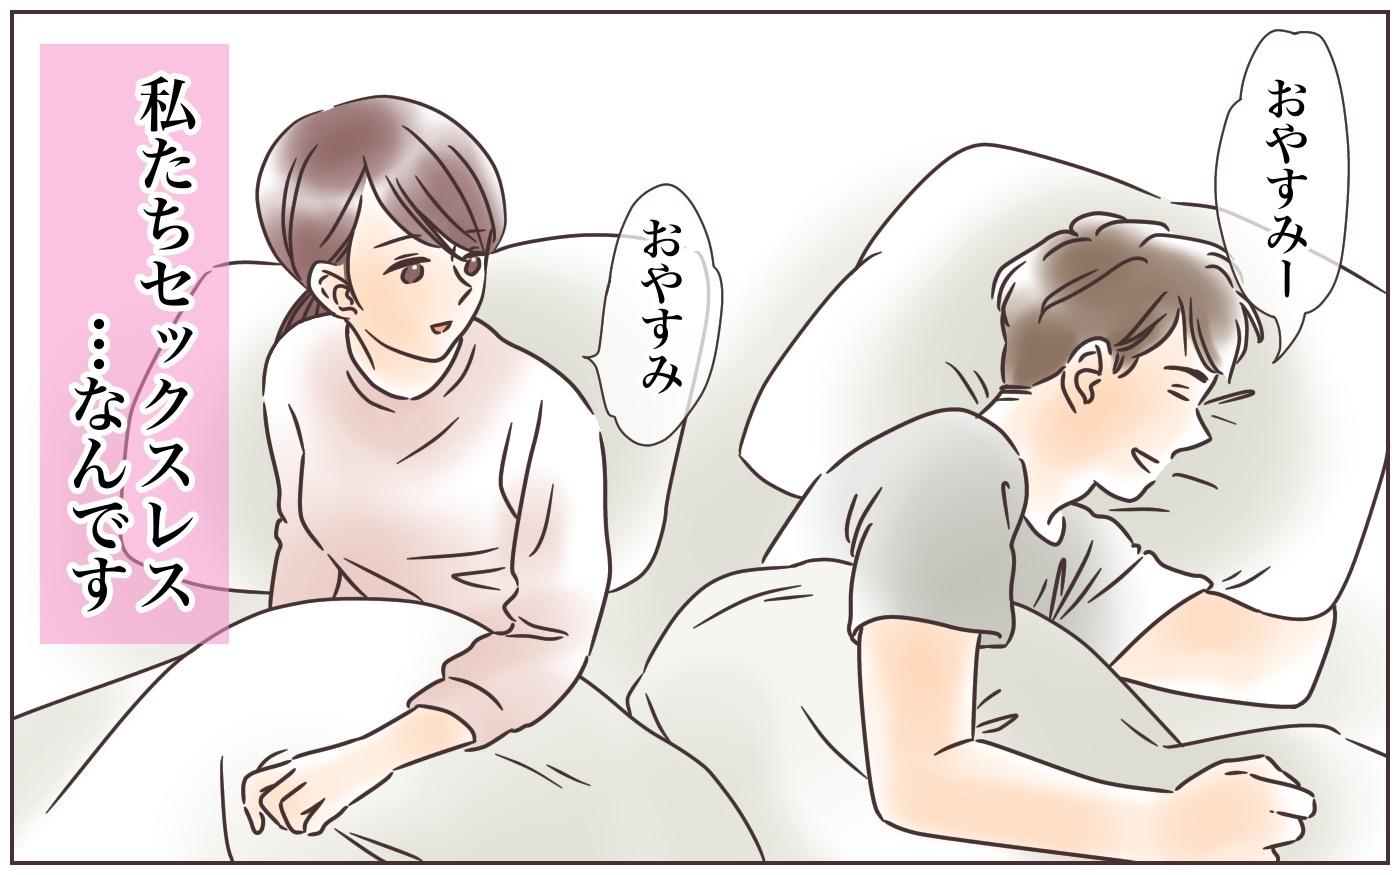 レス 限界 夫婦